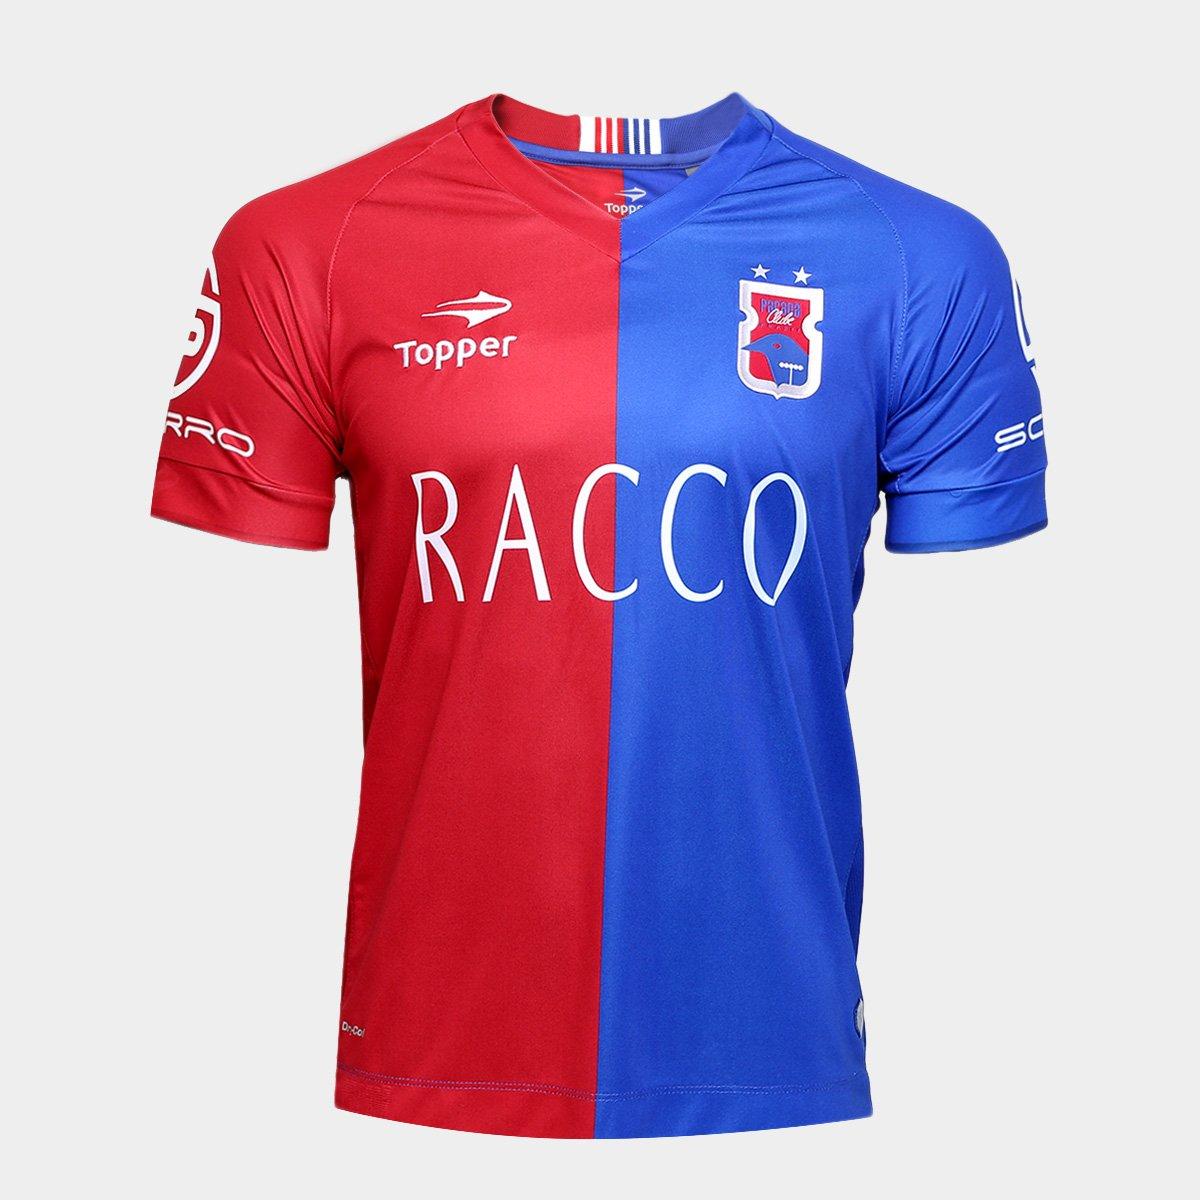 Camisa Paraná I 16 17 n° 10 - Torcedor Topper Masculina - Compre Agora  7d497a6d82dd3